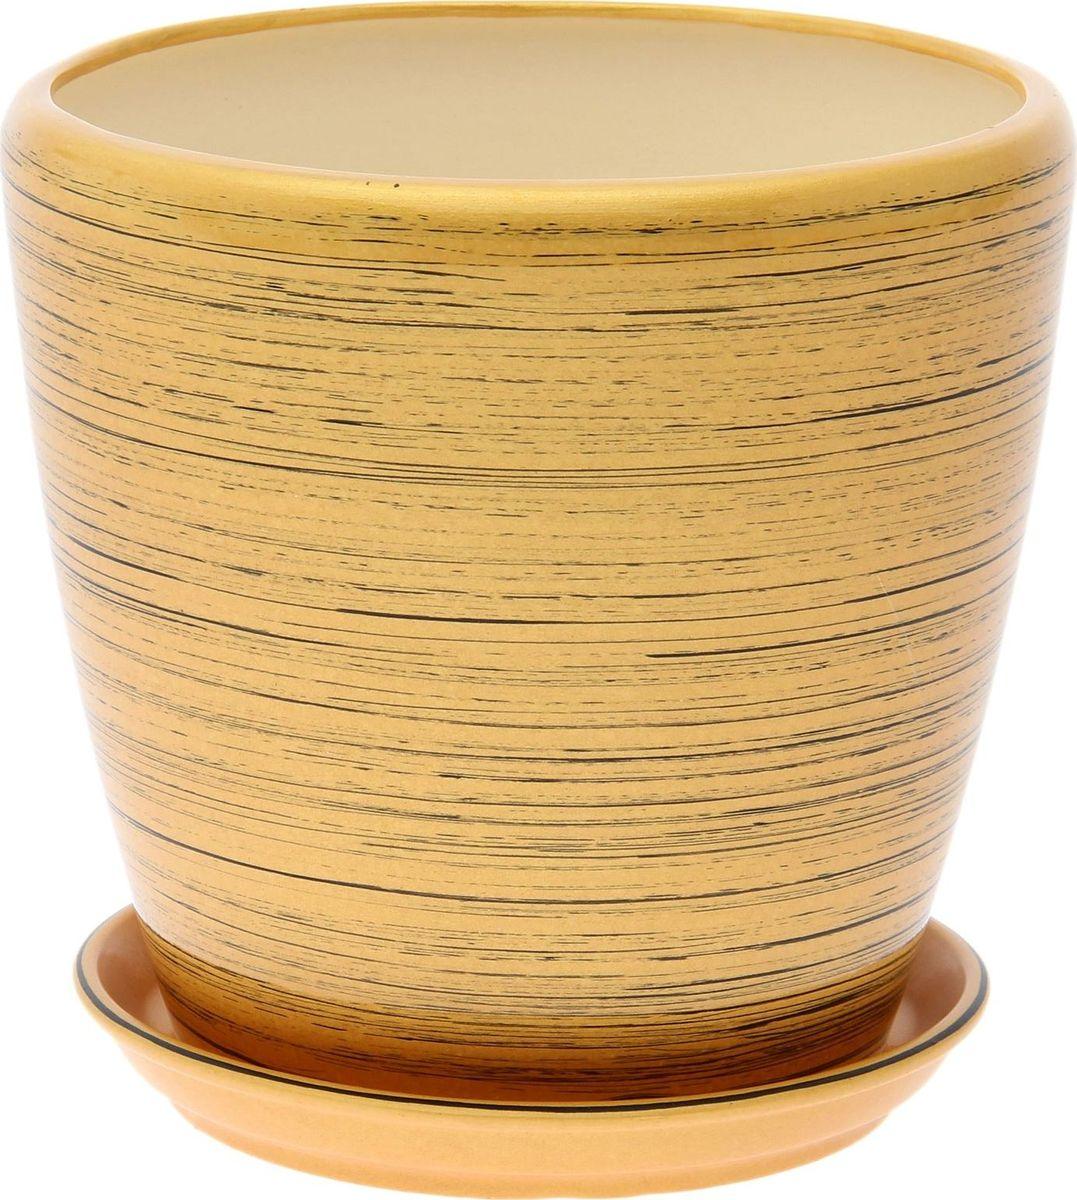 Кашпо Керамика ручной работы Грация. Глянец, цвет: черный, золотой, 4,5 л1489685Комнатные растения — всеобщие любимцы. Они радуют глаз, насыщают помещение кислородом и украшают пространство. Каждому из них необходим свой удобный и красивый дом. Кашпо из керамики прекрасно подходят для высадки растений: за счёт пластичности глины и разных способов обработки существует великое множество форм и дизайновпористый материал позволяет испаряться лишней влагевоздух, необходимый для дыхания корней, проникает сквозь керамические стенки! #name# позаботится о зелёном питомце, освежит интерьер и подчеркнёт его стиль.